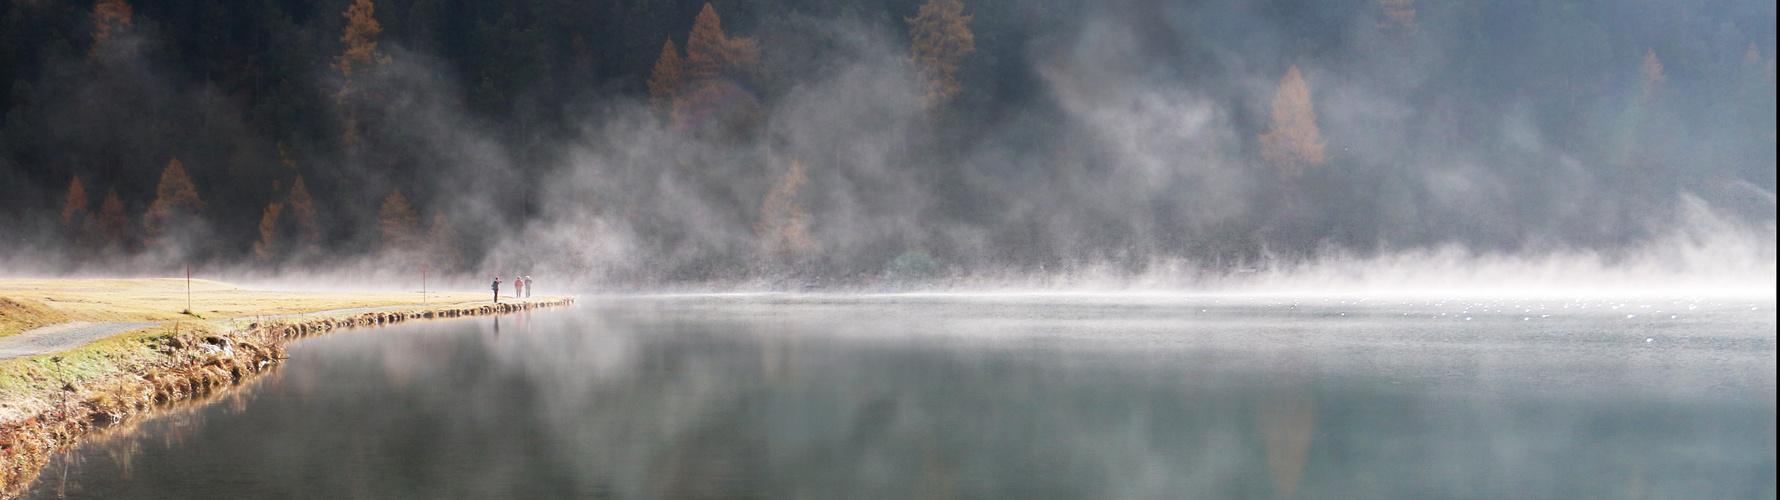 Engadin: Nebelschwaden laden zum baden...